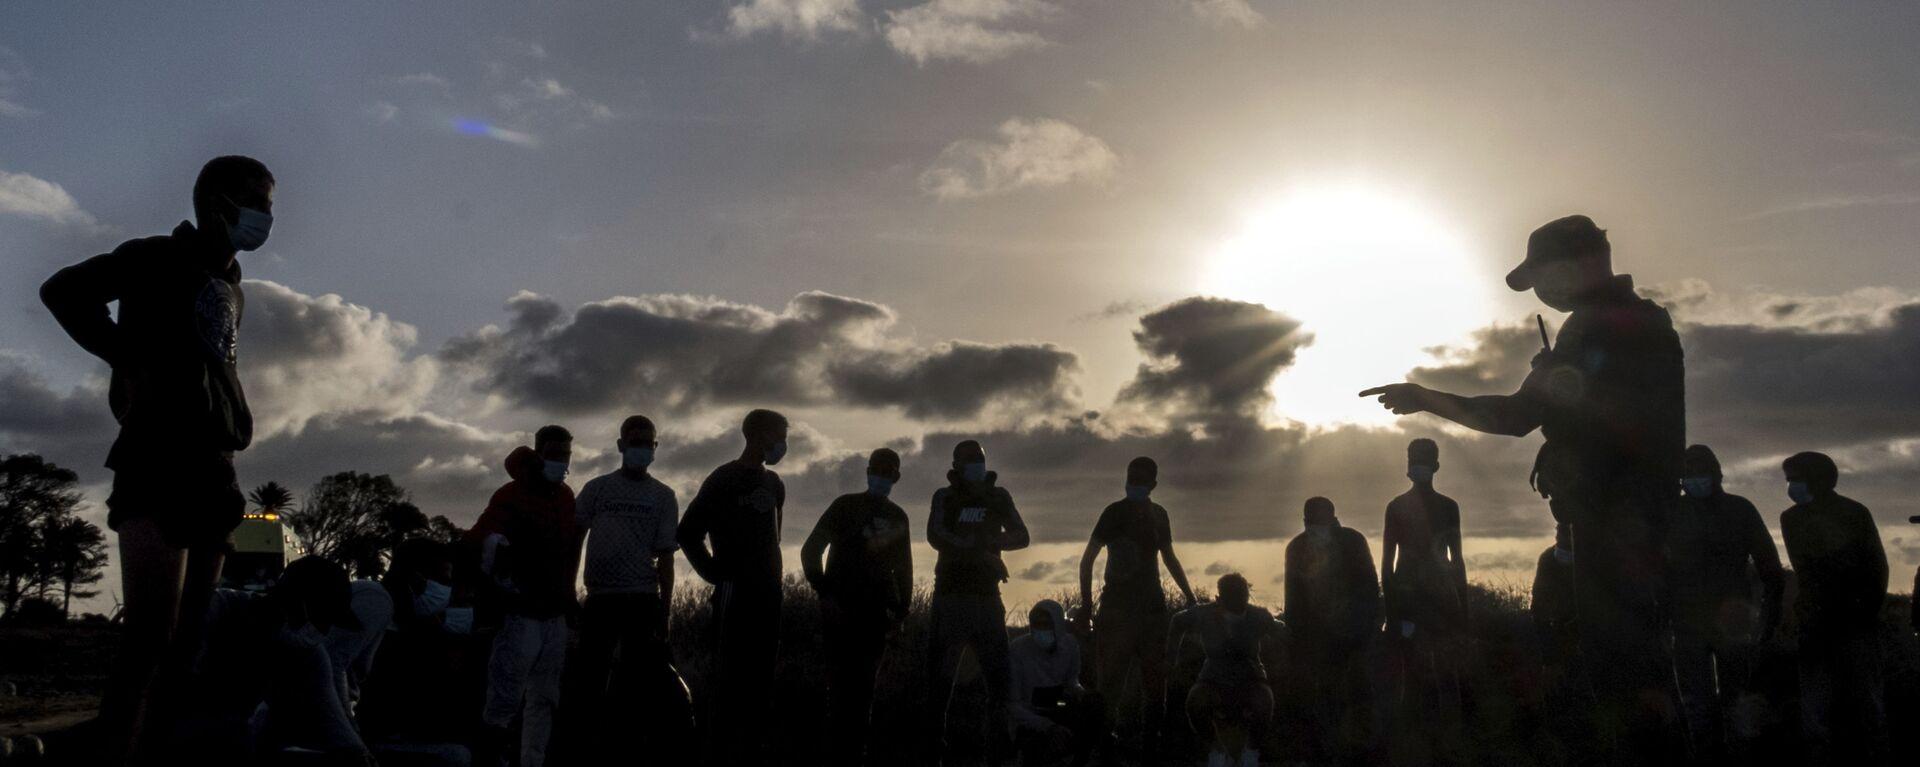 Migrantes de Marruecos son detenidos por la Policía española tras llegar a la costa de las Islas Canarias. 16 de octubre de 2020. - Sputnik Mundo, 1920, 12.01.2021